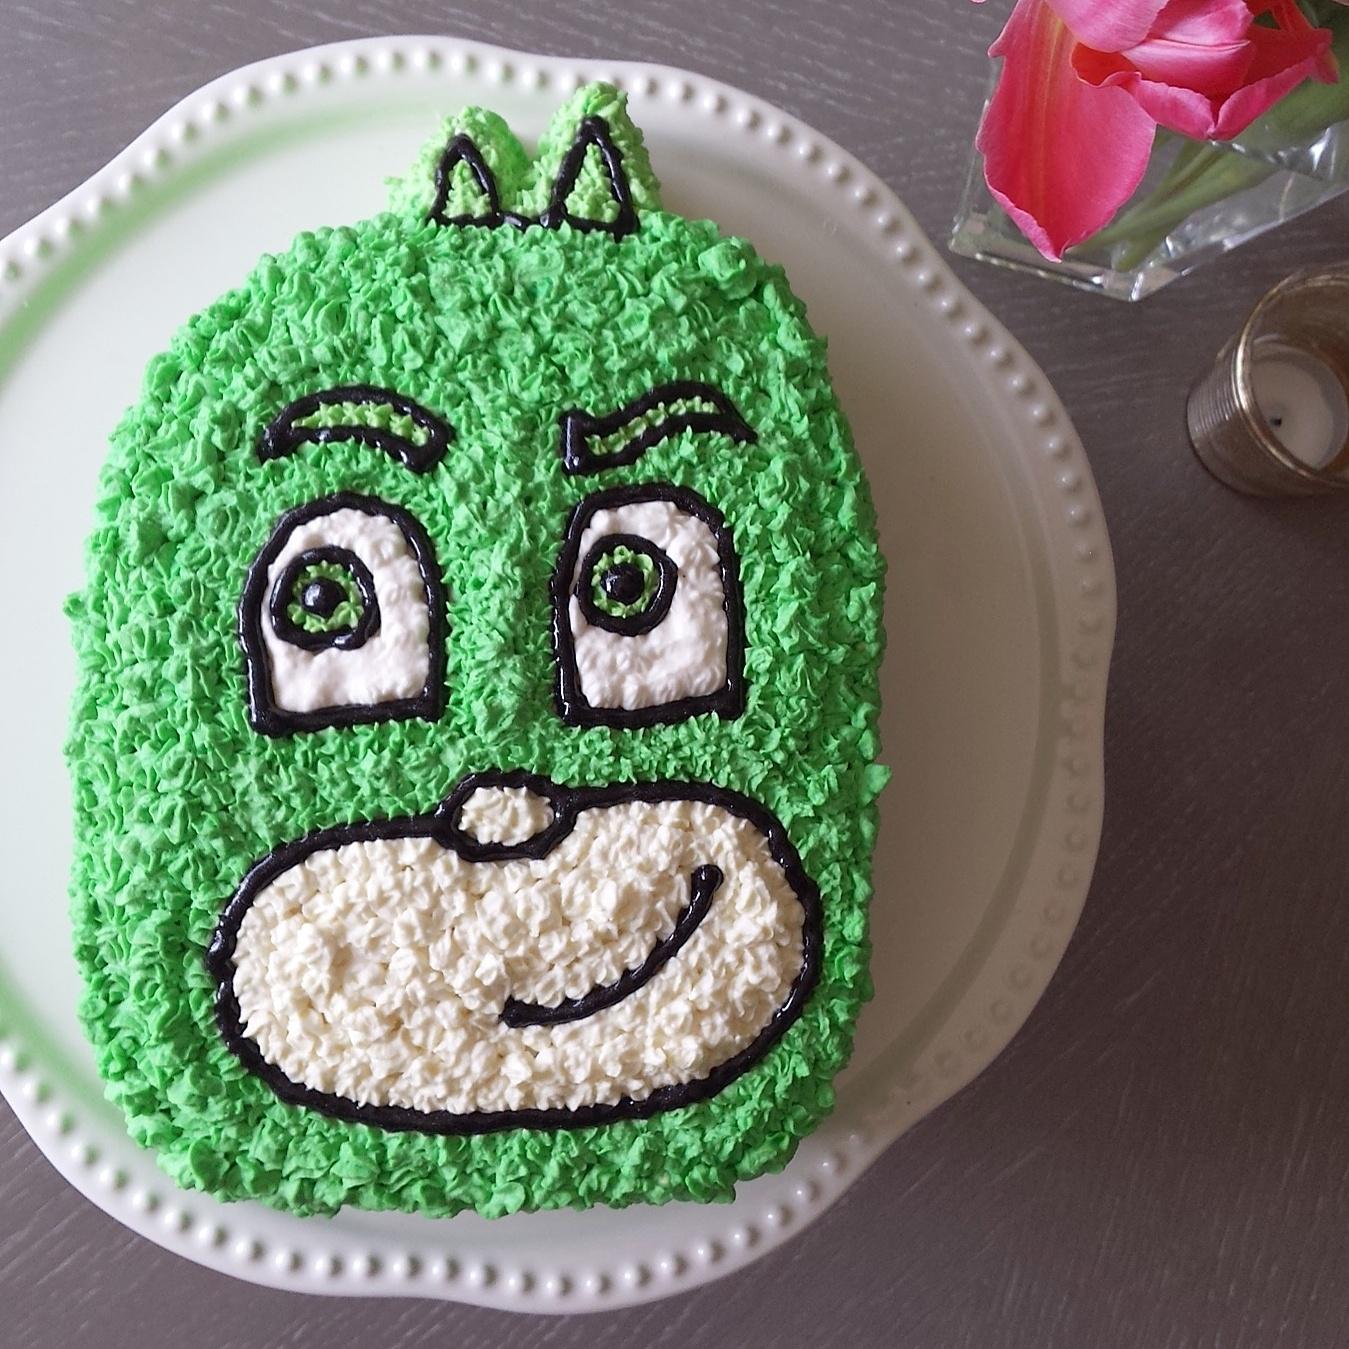 How To Make A Pj Masks Gecko Cake Boston Mamas